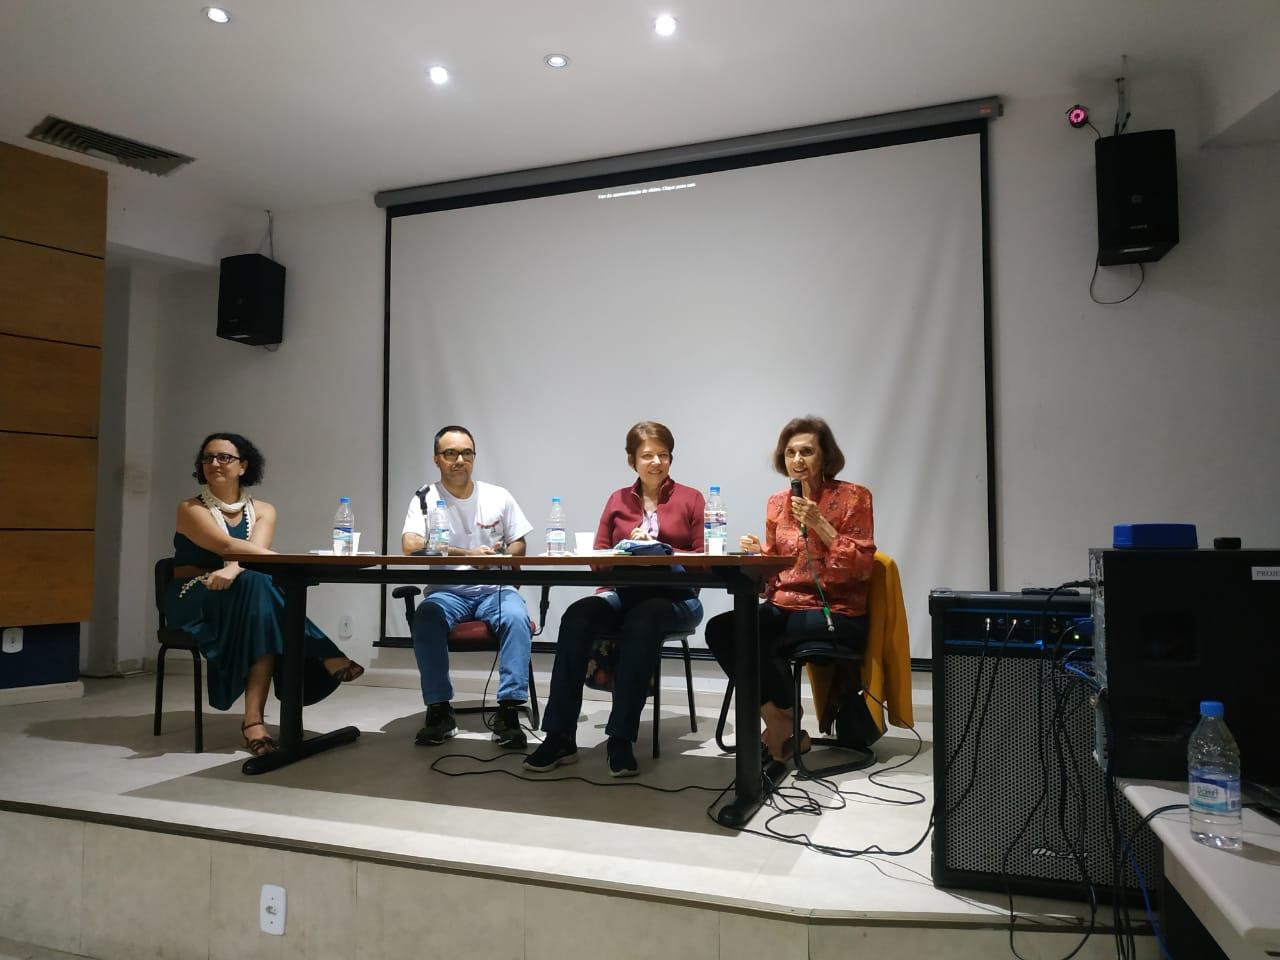 A mediadora Rosa e os convidados Luciana, Mário e Marília (Foto: Pedro H C Edu)